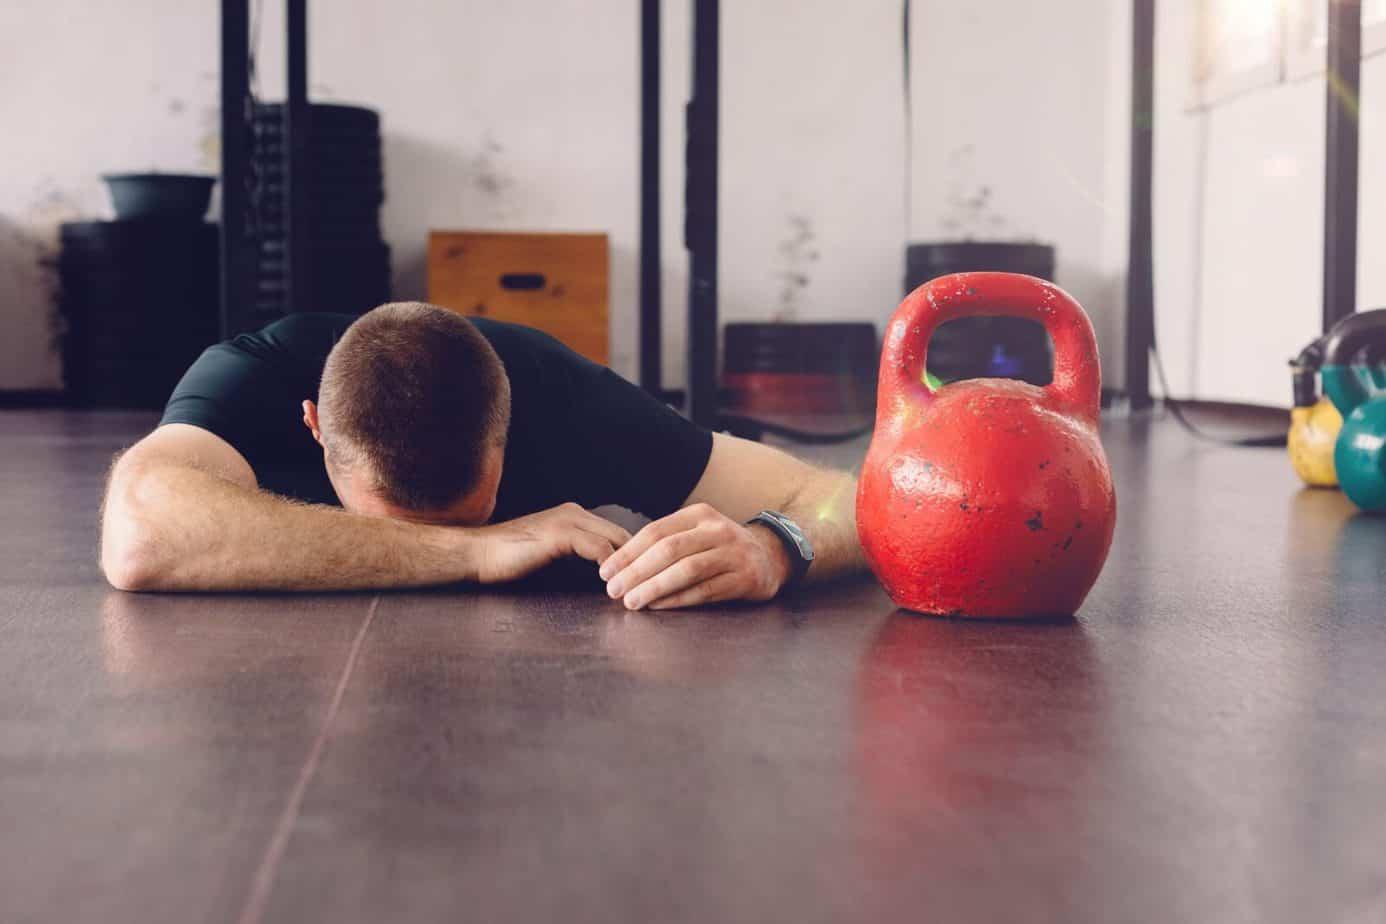 jak ćwiczyć na siłowni by schudnąć | Mangosteen